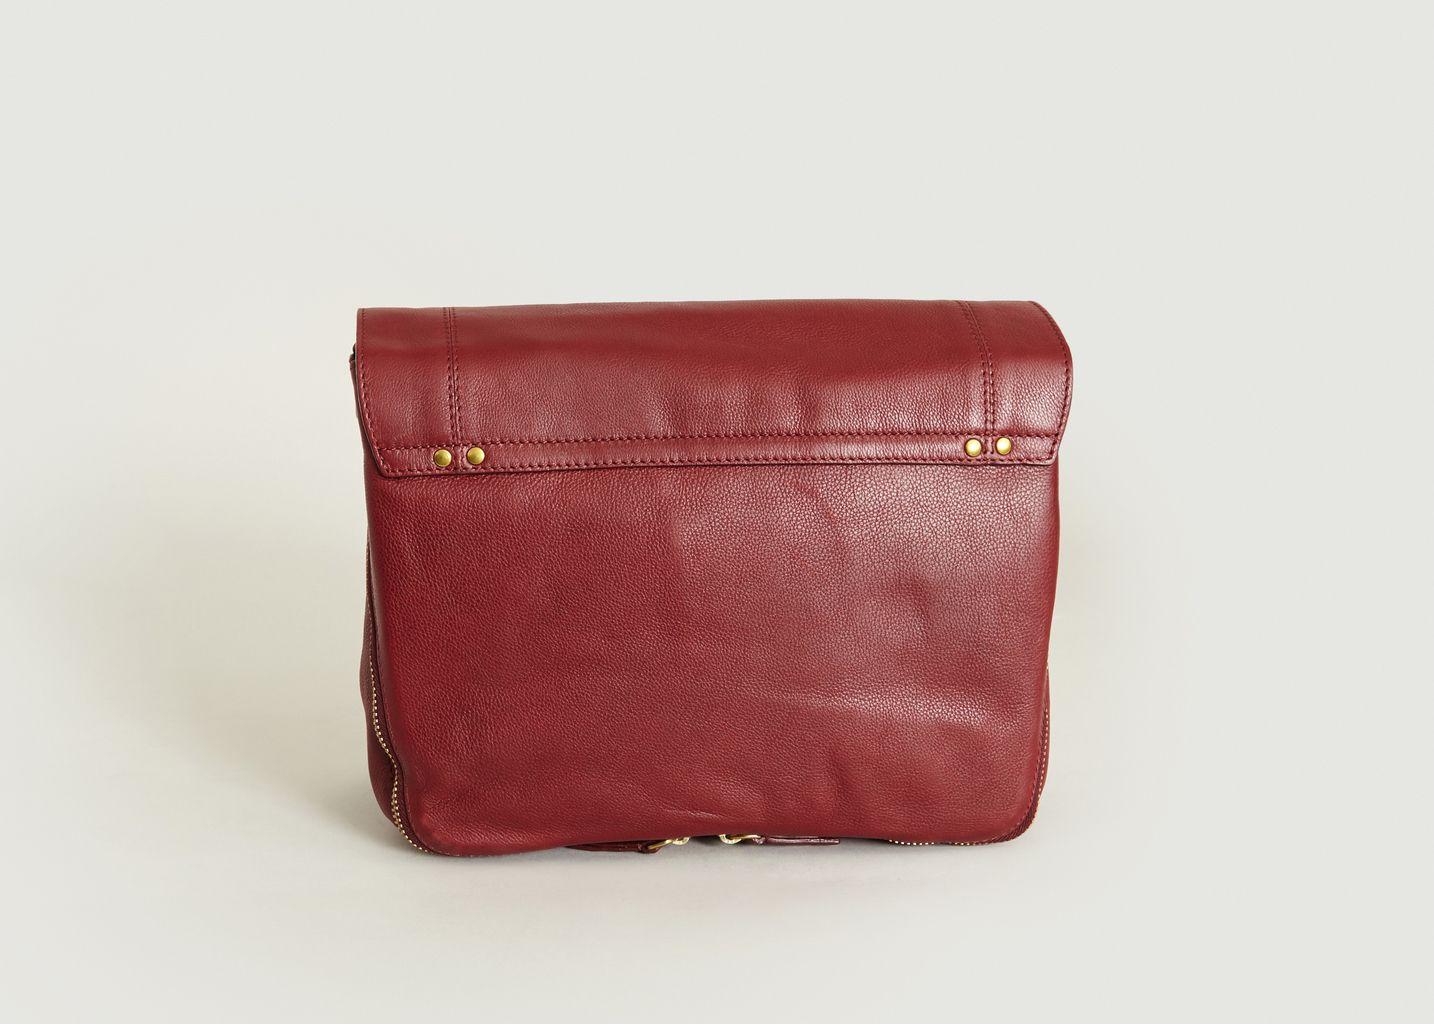 Igor Handbag Deep Red Jrme Dreyfuss Lexception Torch Tshirt Women Burgundy Maroon L